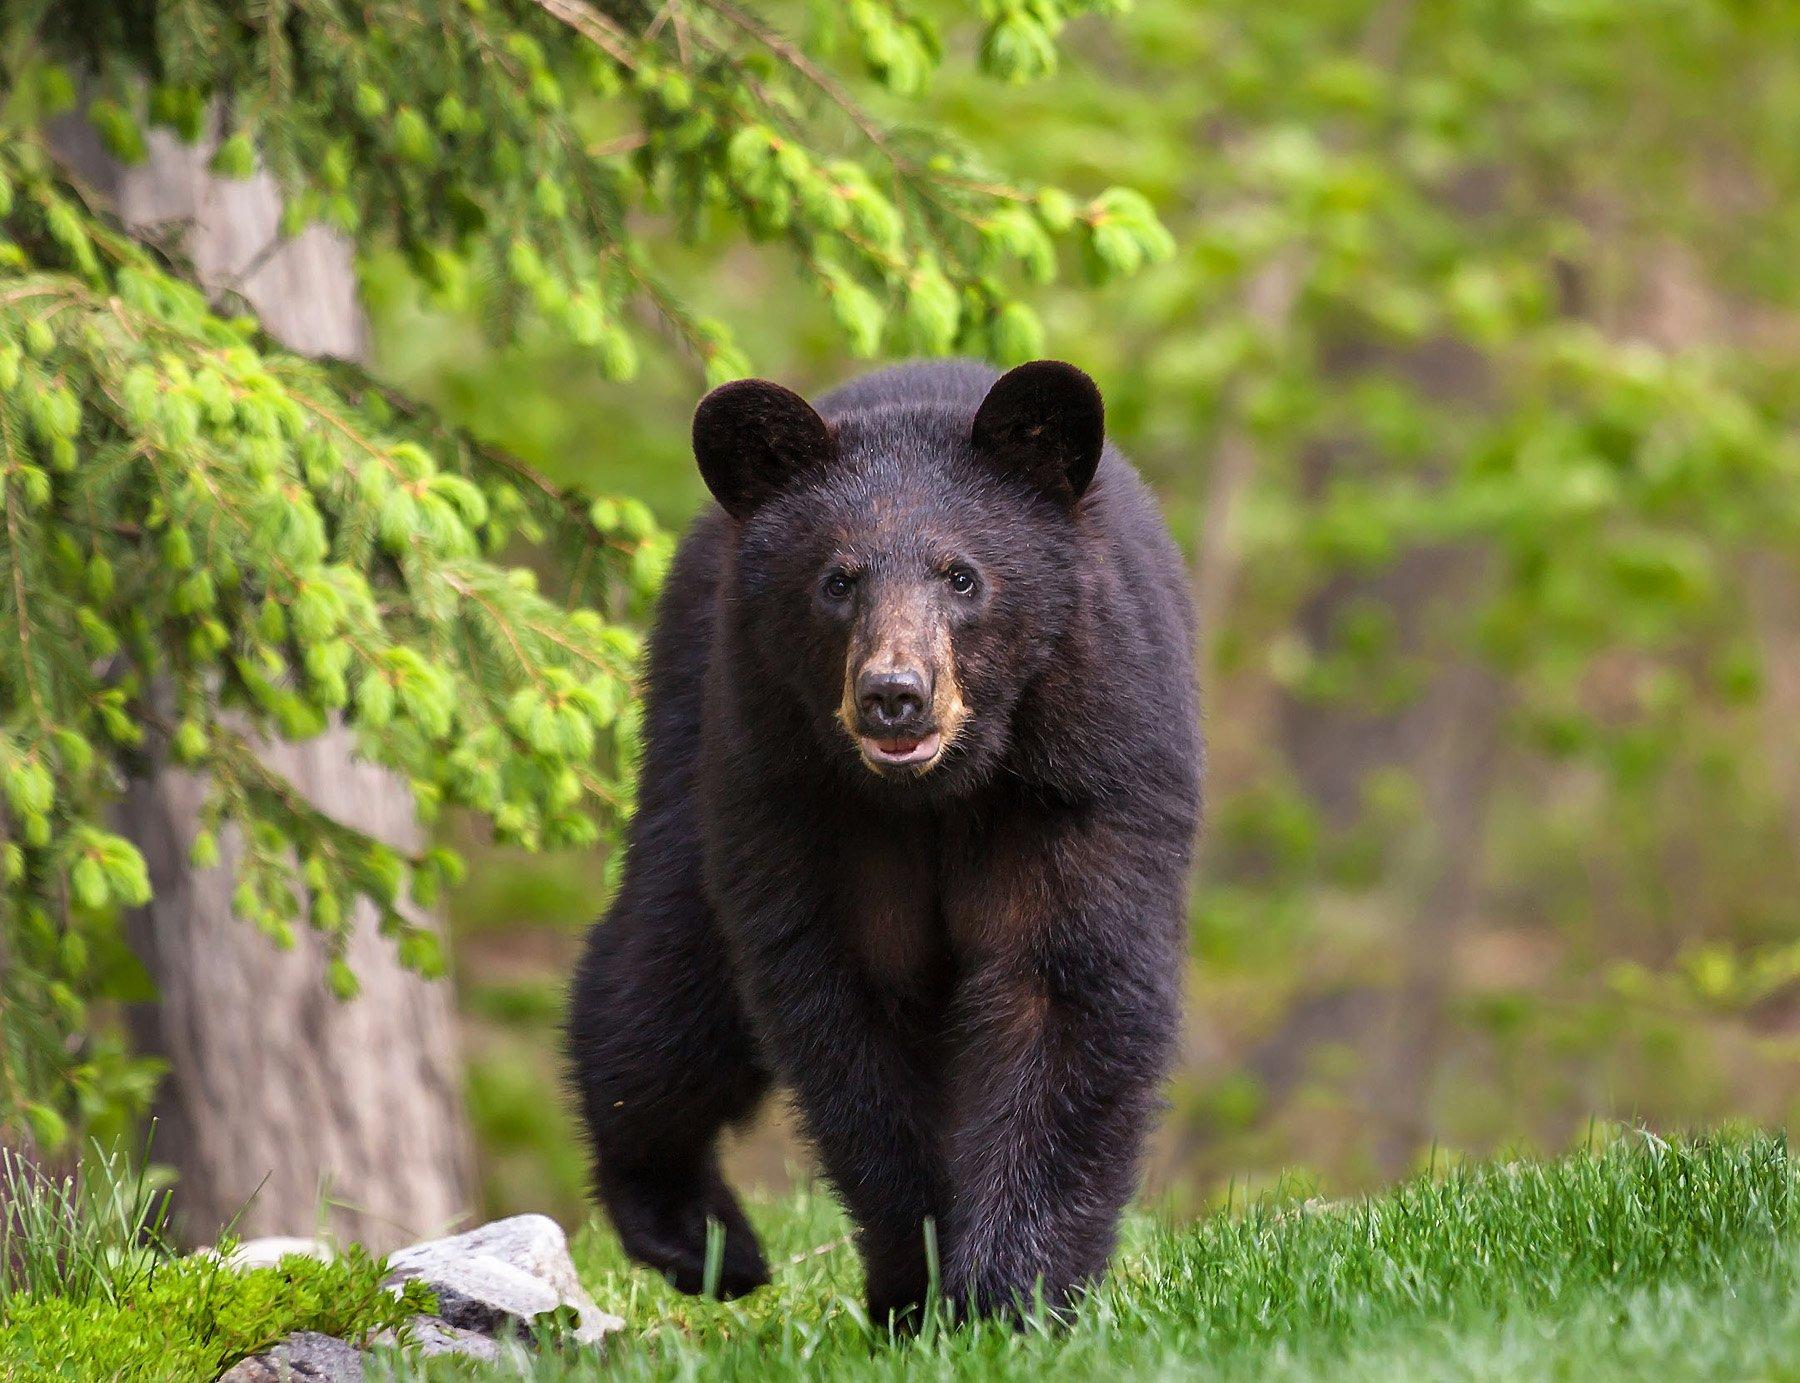 животные,медведи,барибал,природа,лето,фауна,, Антонина